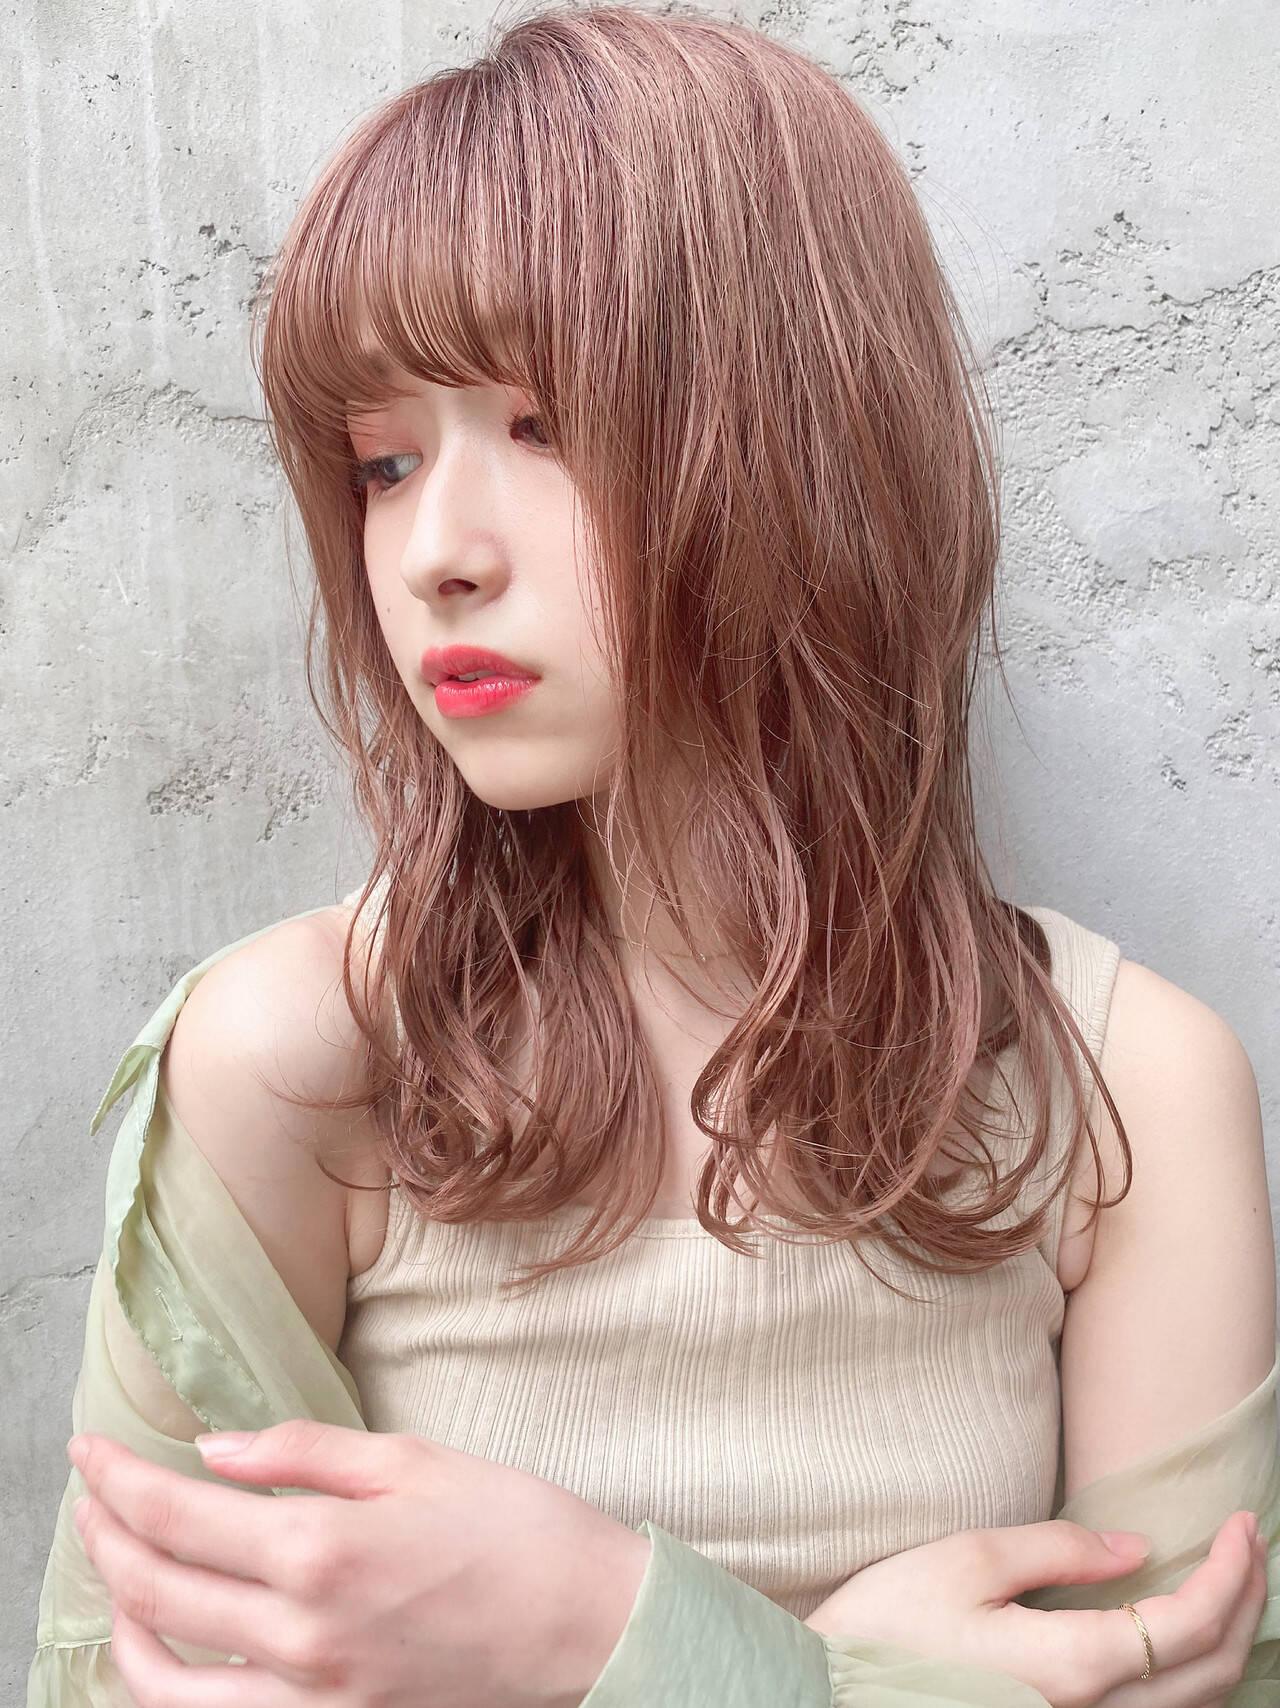 ミディアム ミディアムレイヤー 縮毛矯正ストカール 縮毛矯正ヘアスタイルや髪型の写真・画像